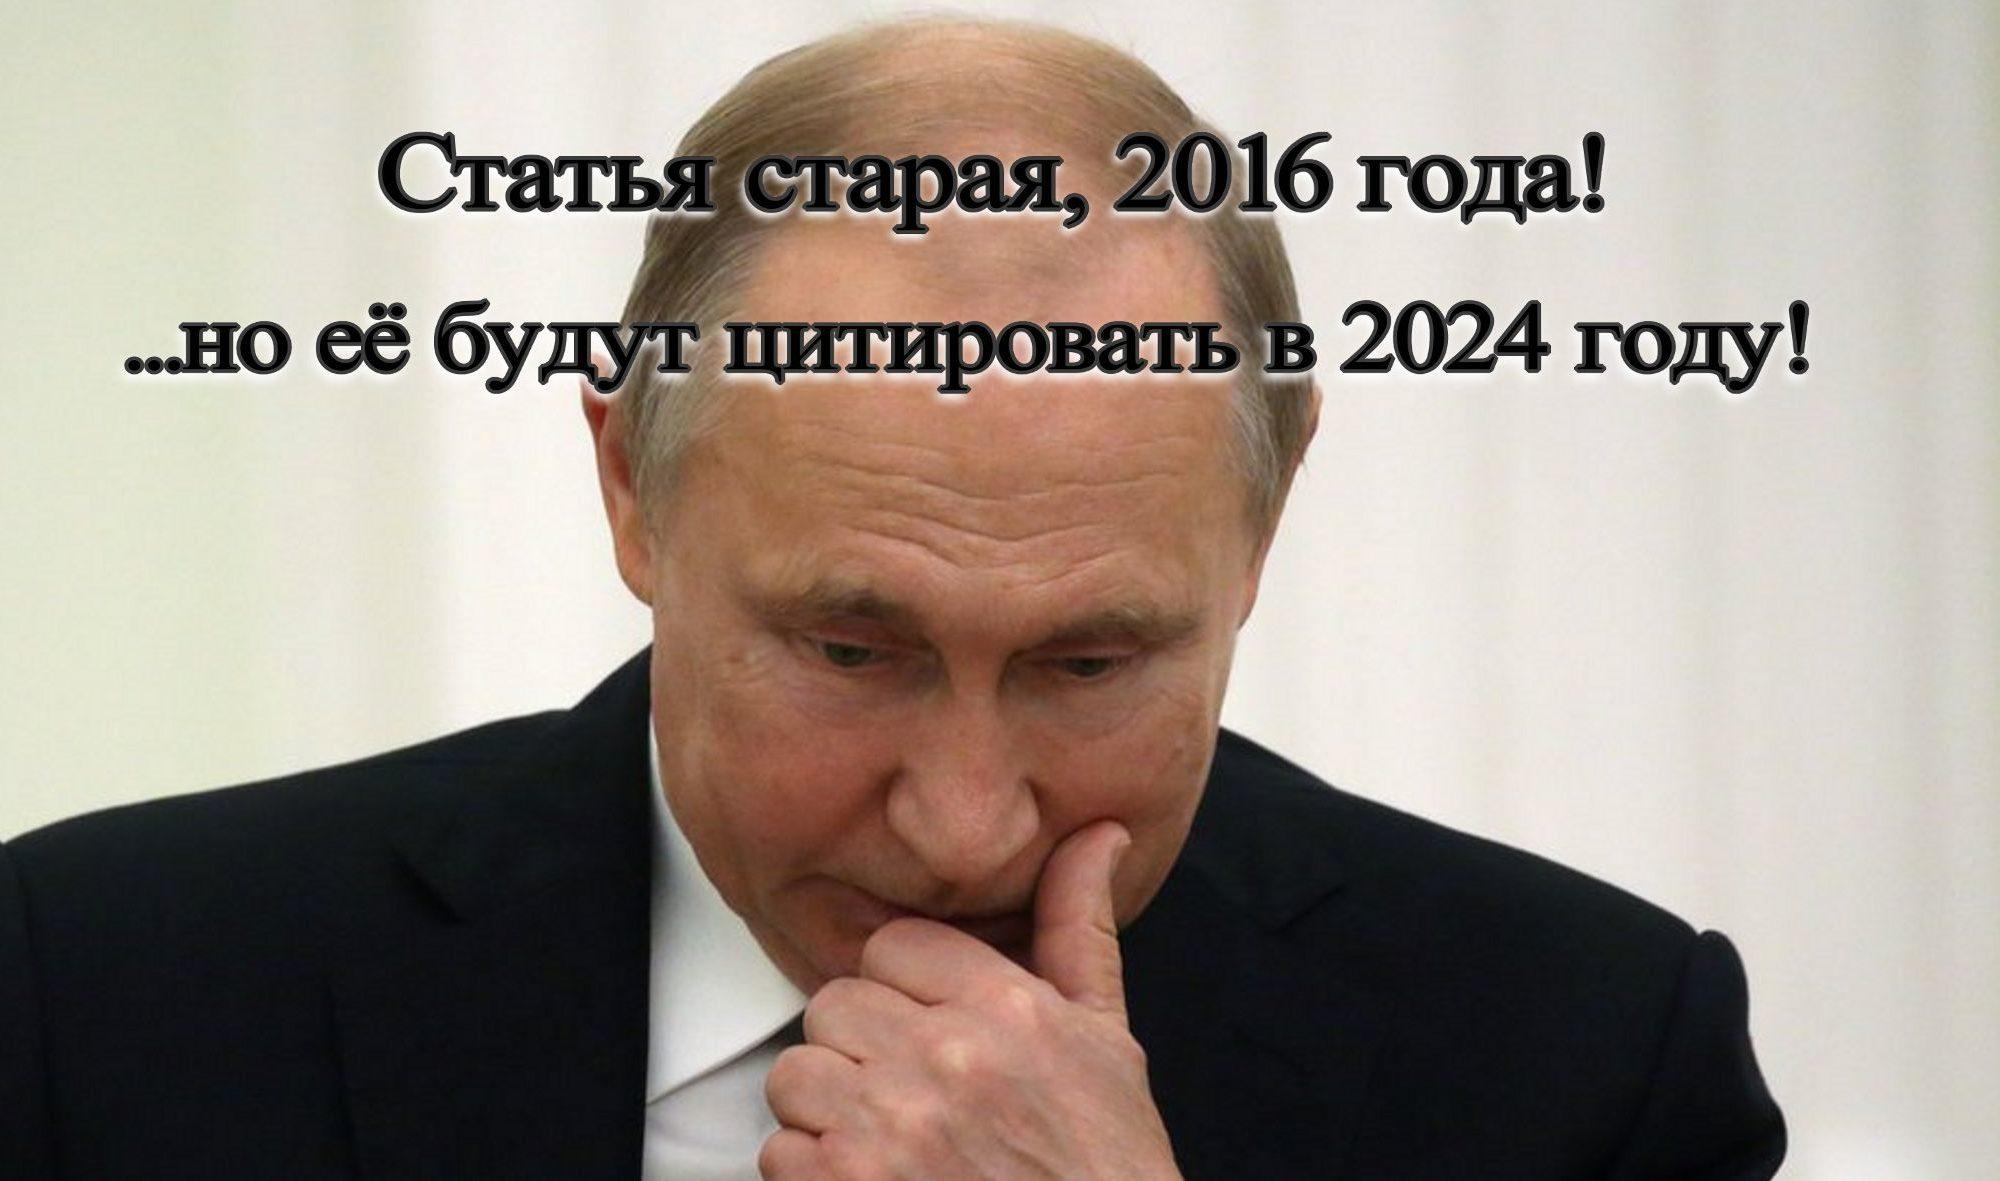 Он сделал Великий выбор или кто создал из Путина Путина! (видео)